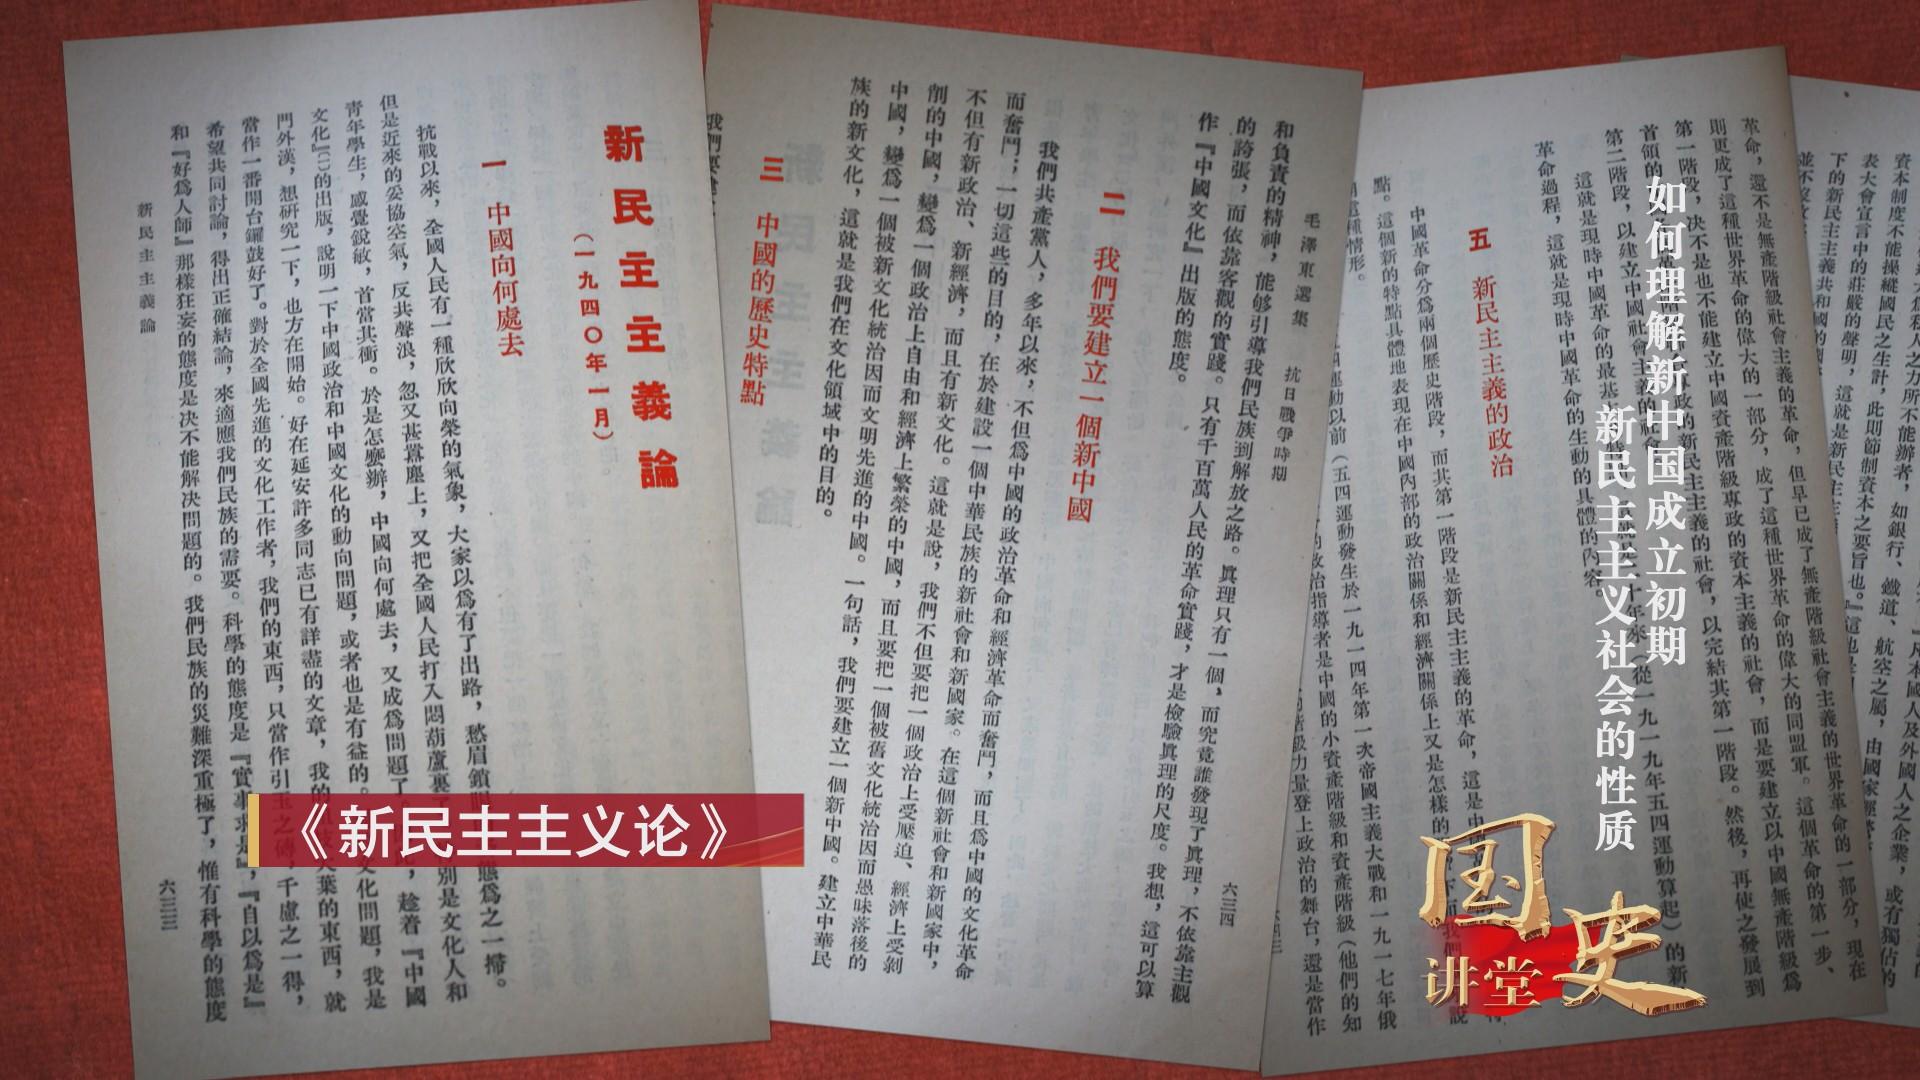 如何理解新中国成立初期新民主主义社会的性质